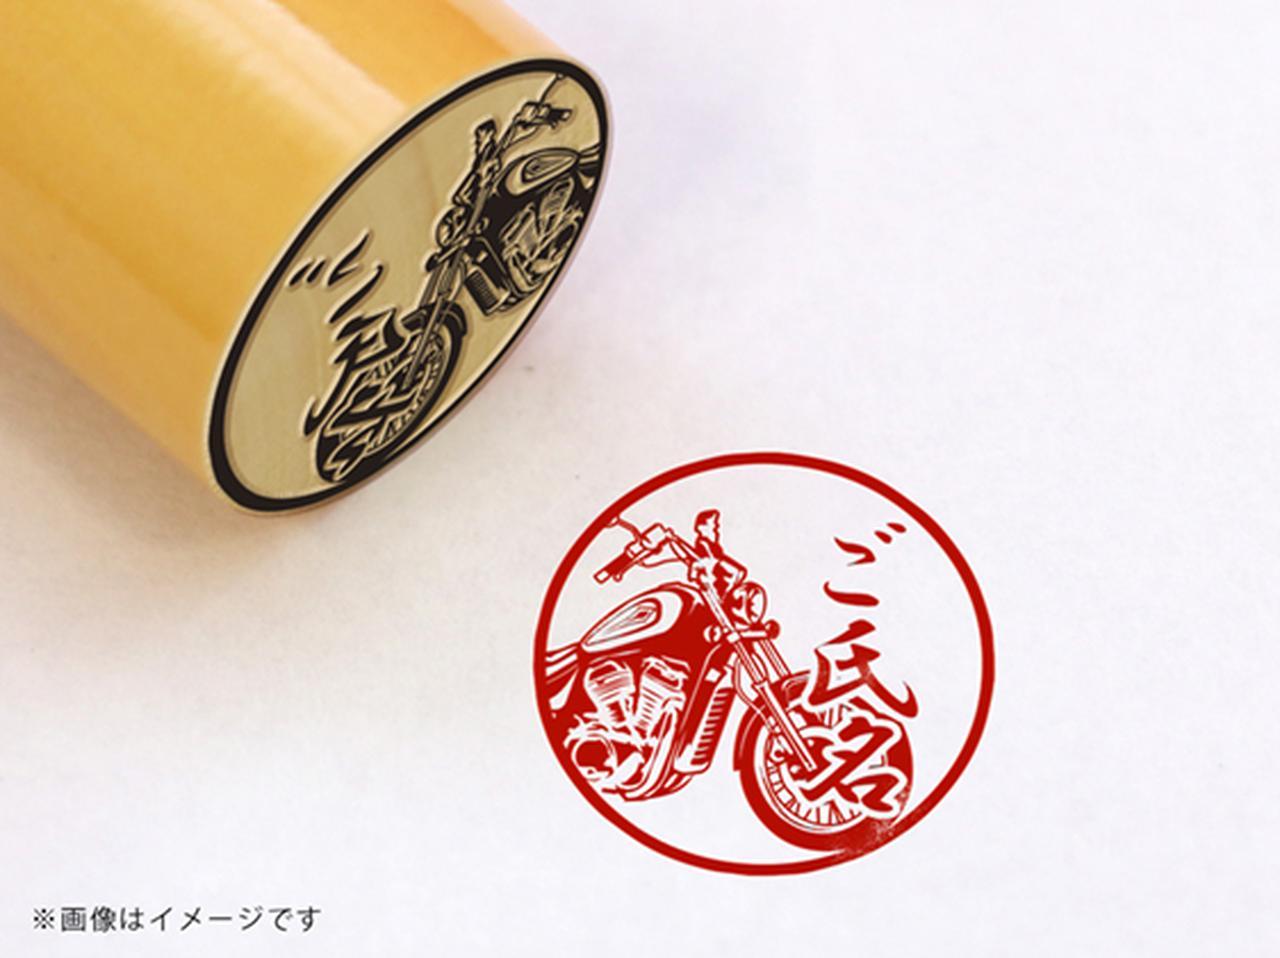 Images : 【SUZUKI】イントルーダー400・柘植丸印18mm